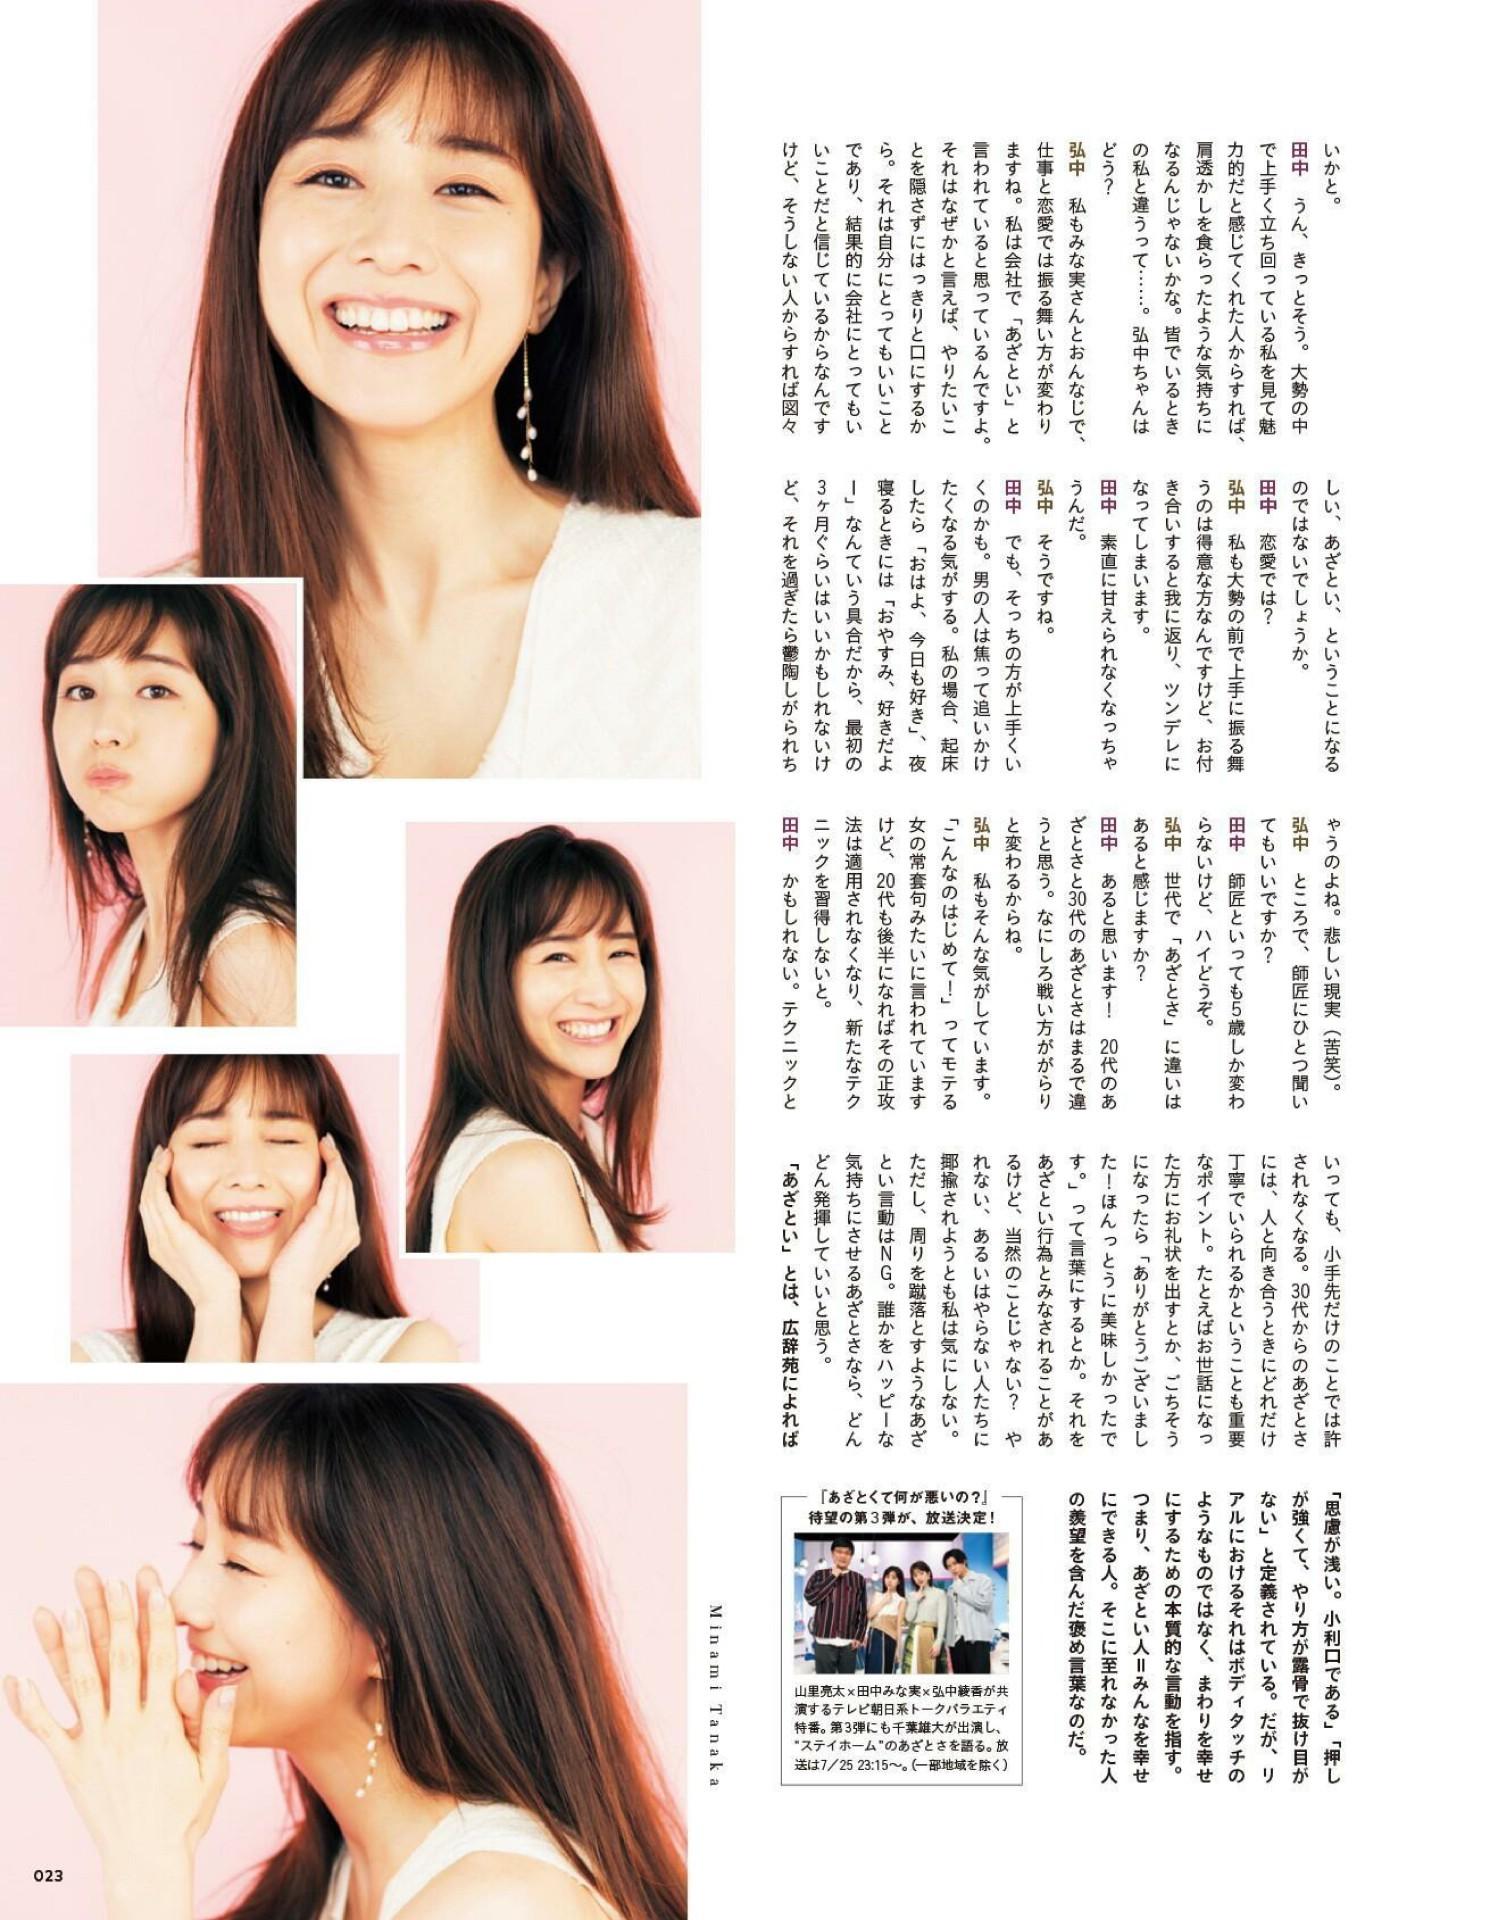 Tokyo Calendar 2020-09_imgs-0023